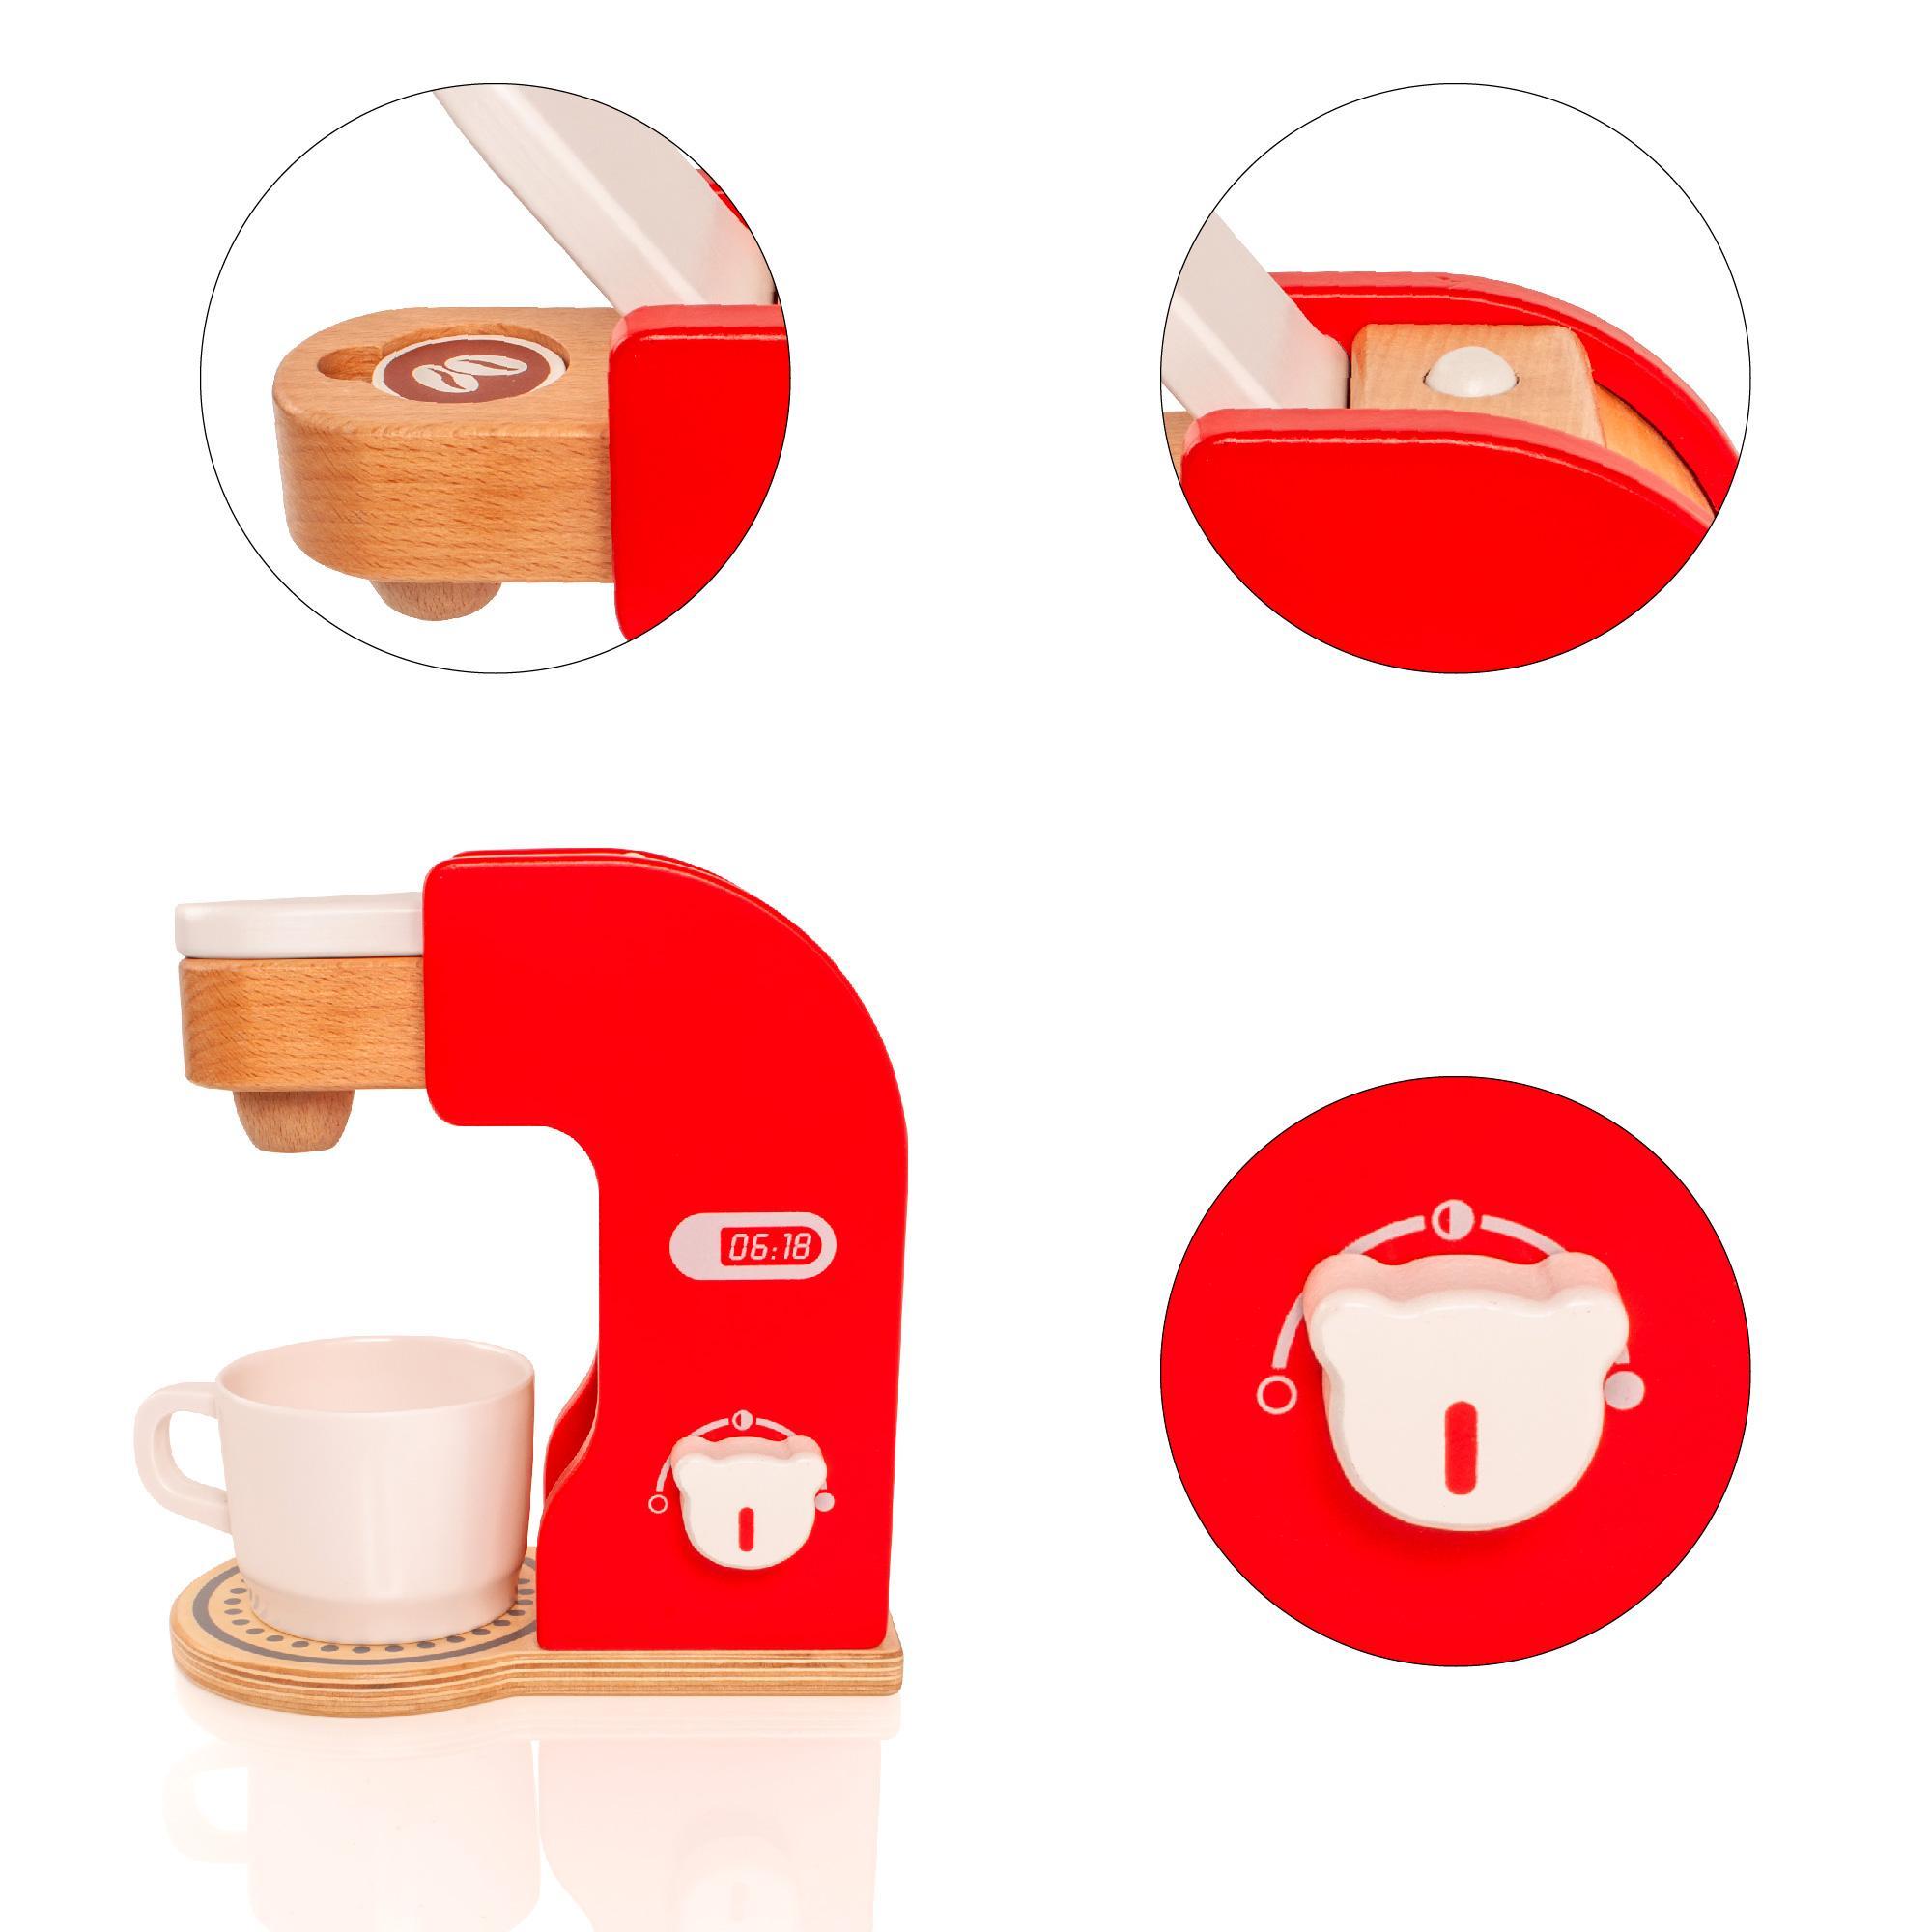 Coffee Maker Toy : Wooden Childrens/Kids Kitchen Coffee Maker Machine Appliance Pretend Toy Playset eBay